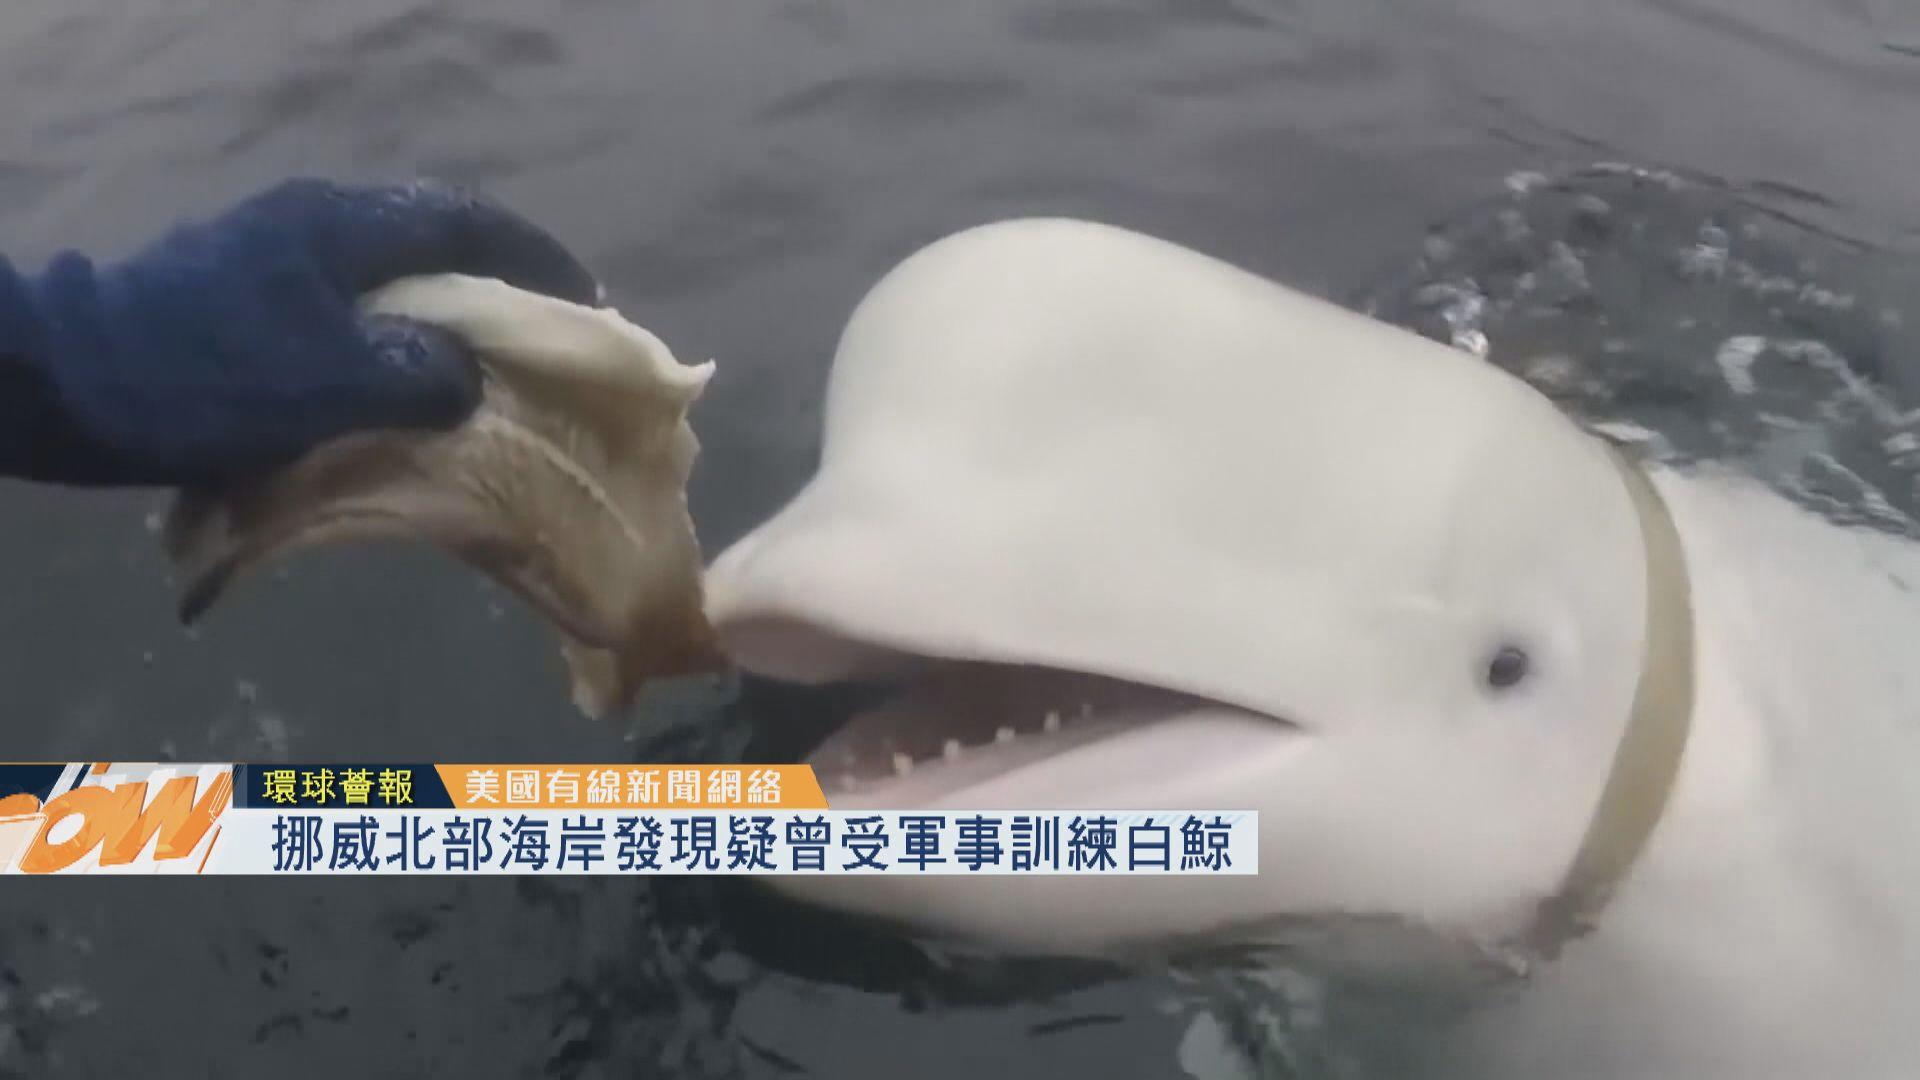 【環球薈報】挪威北部海岸發現疑曾受軍事訓練白鯨